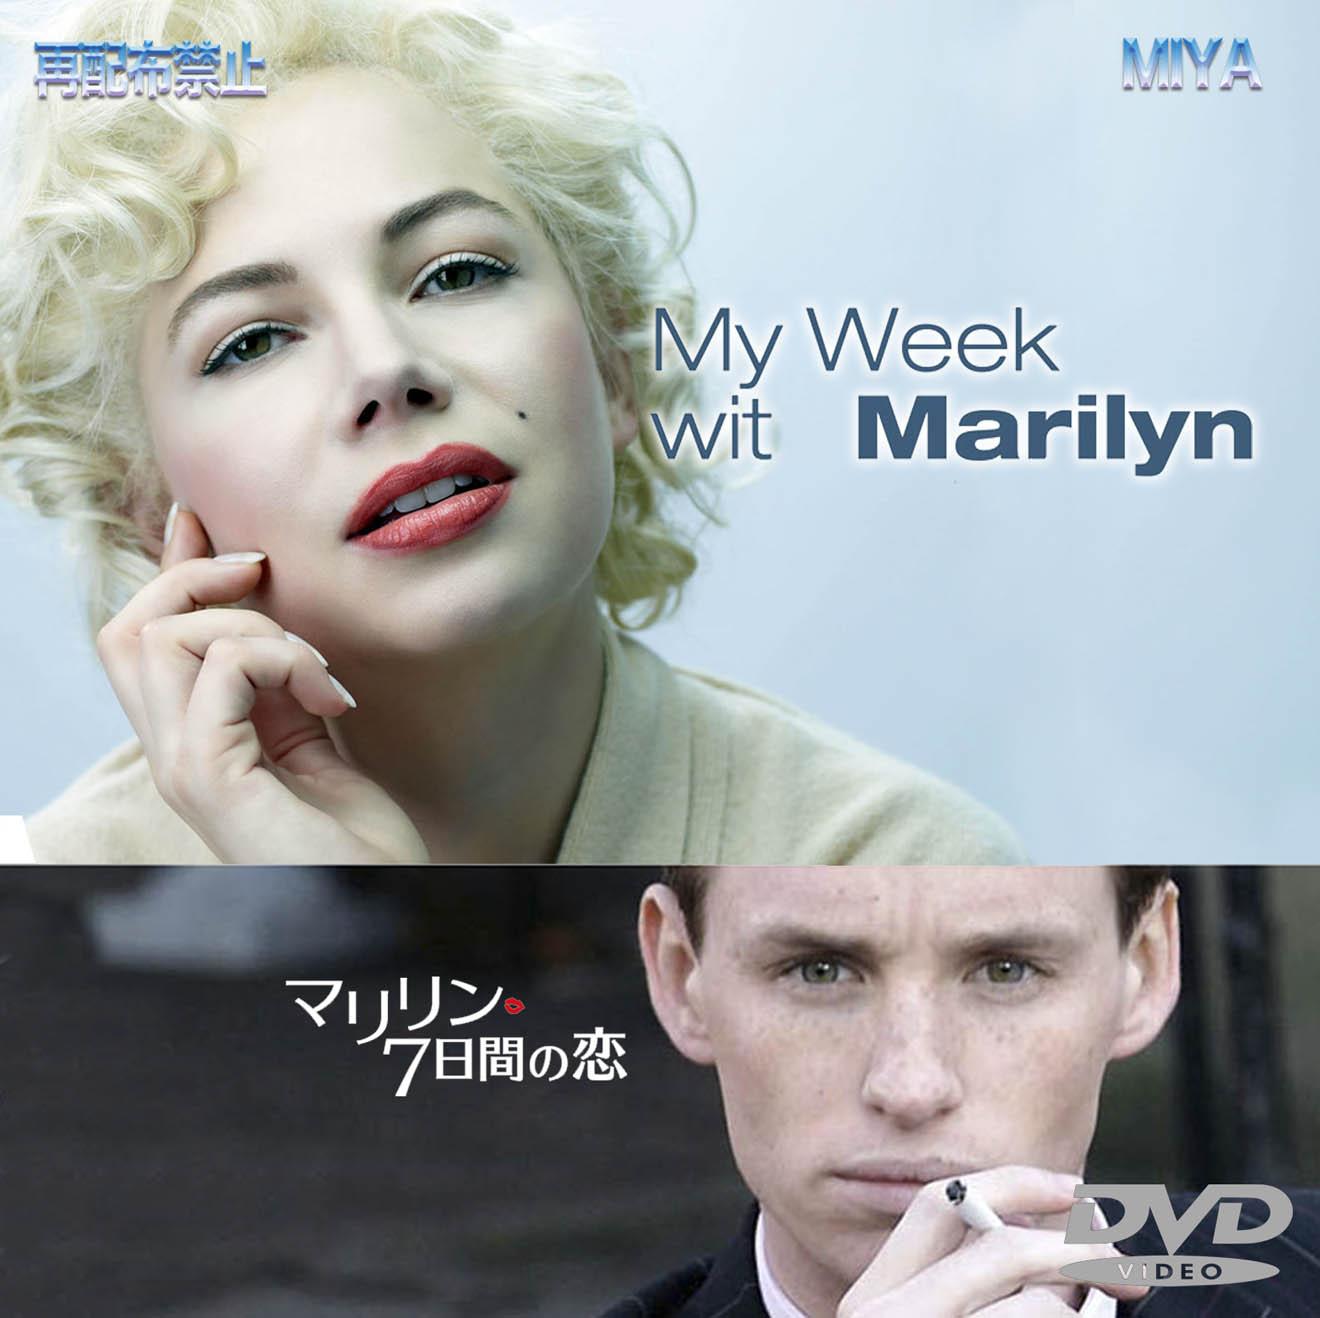 マリリン 7日間の恋